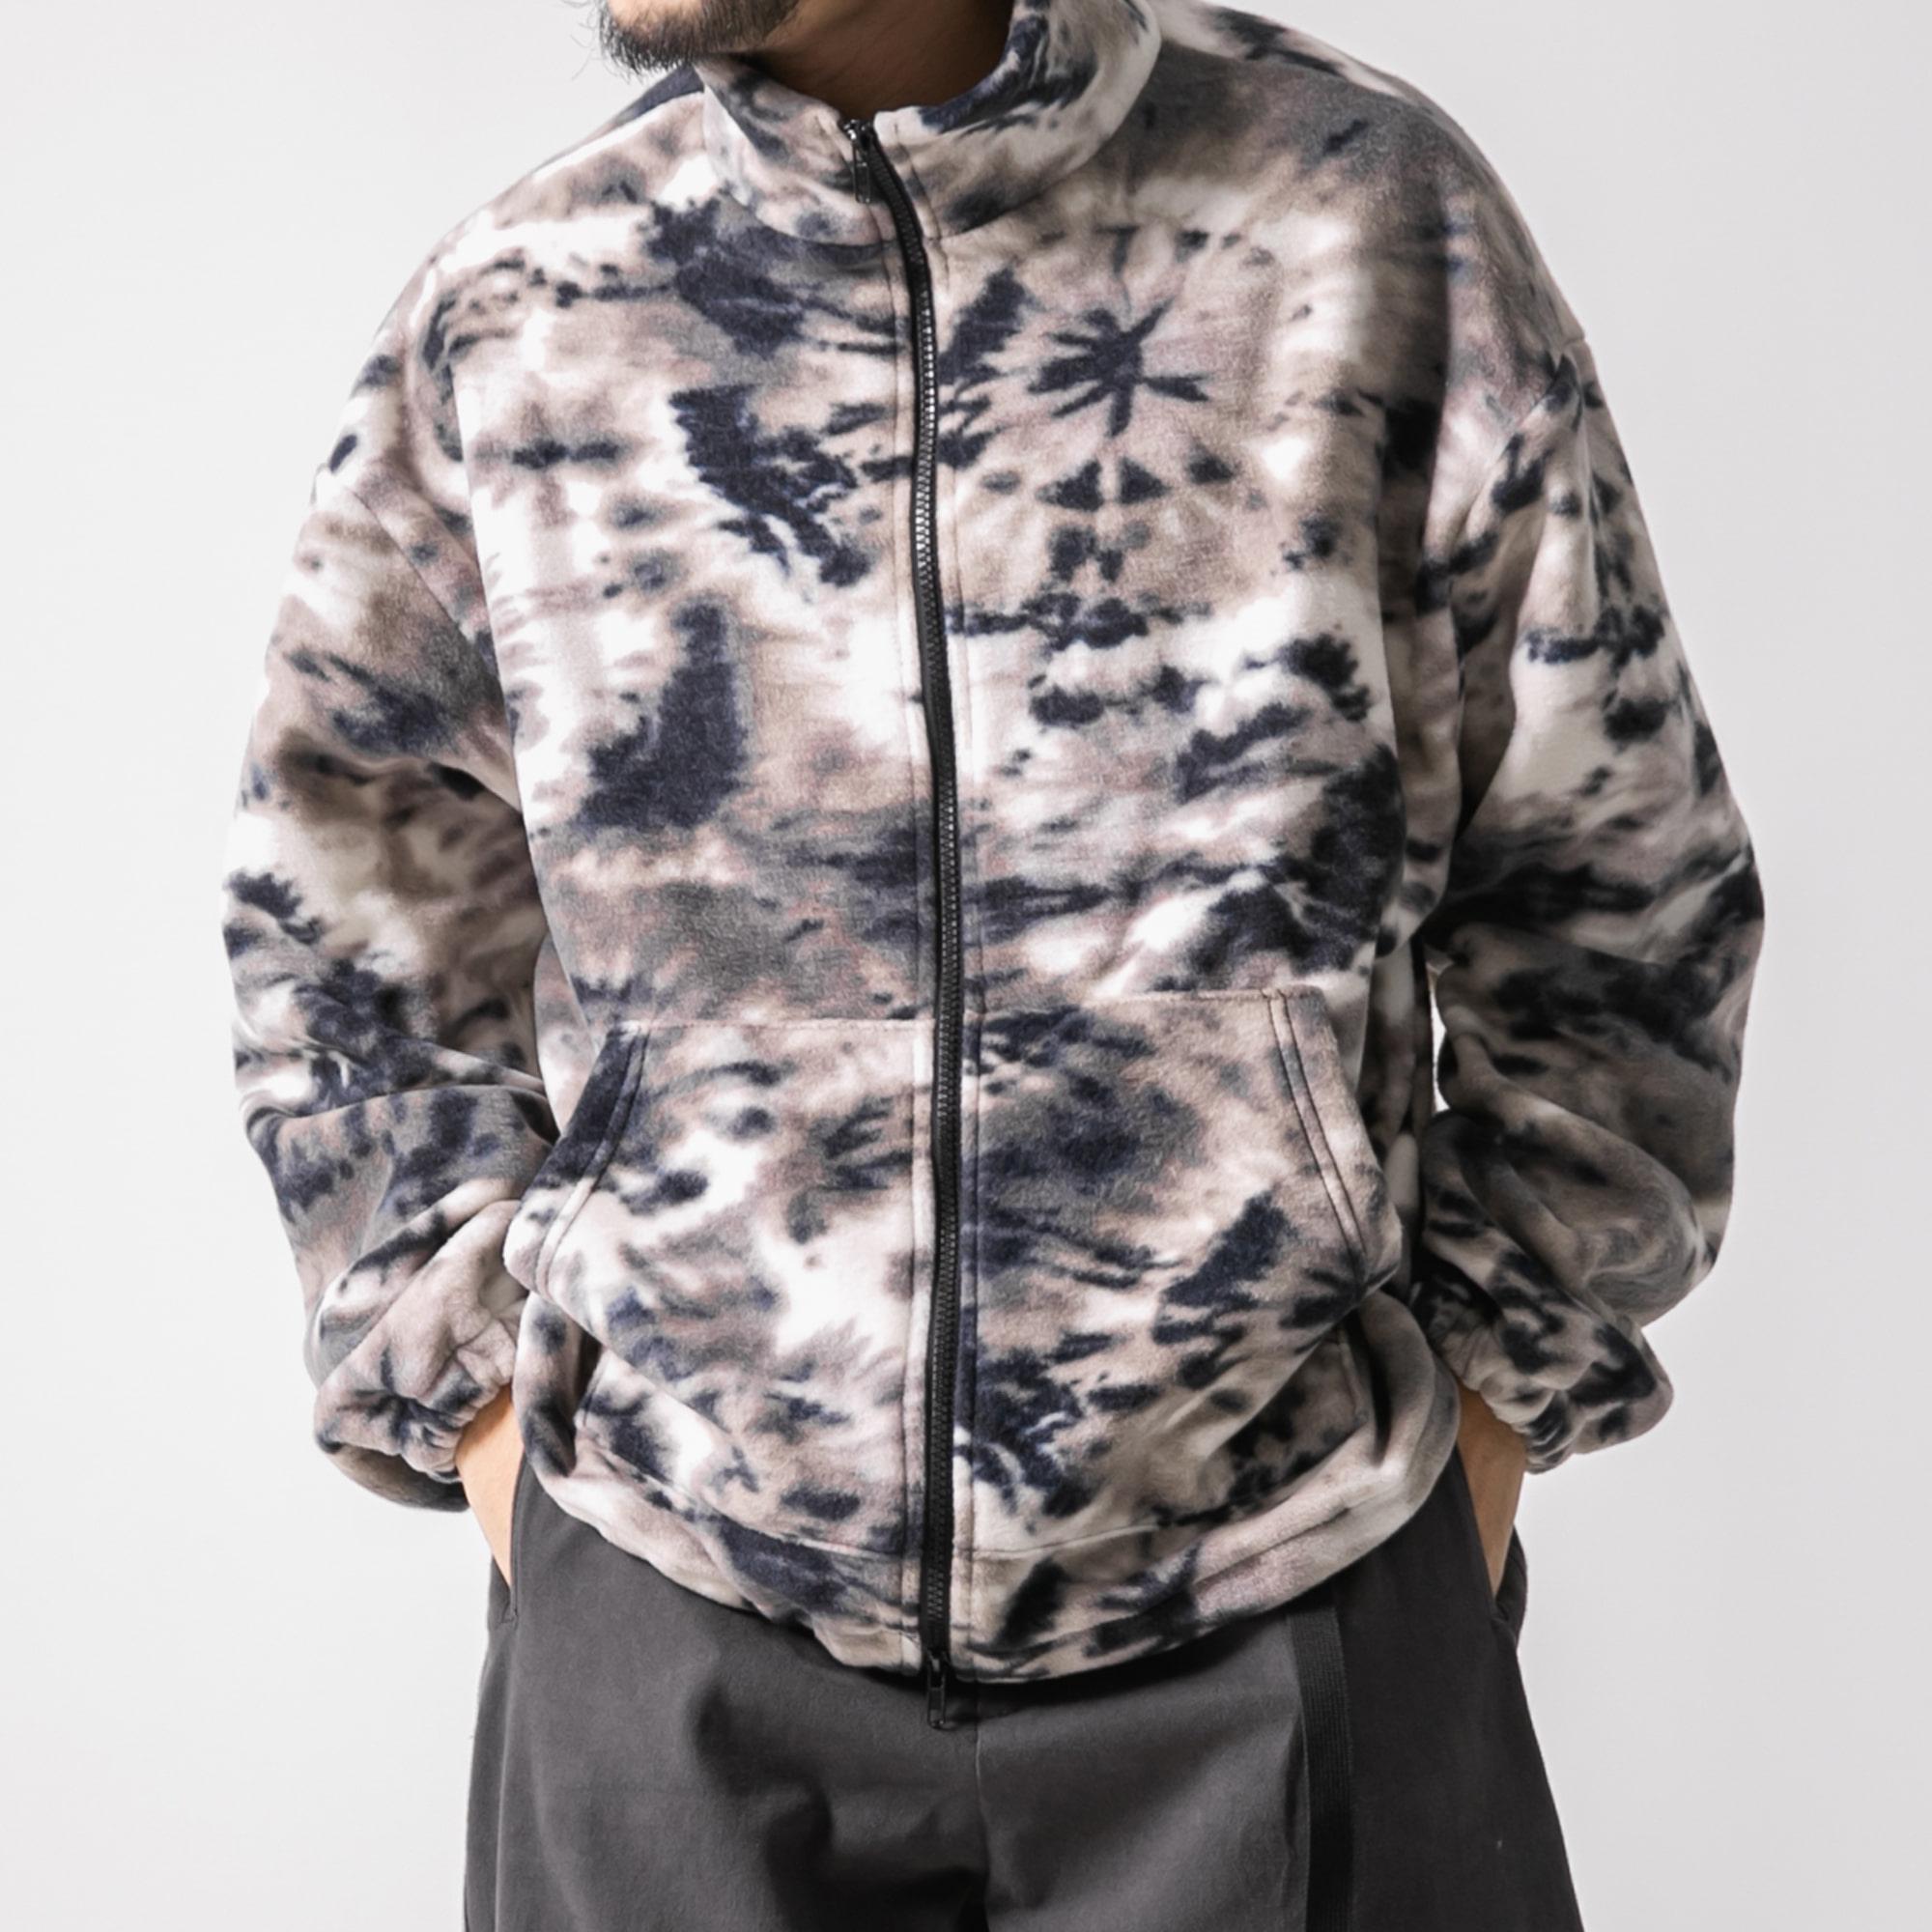 Tie-dye Polar Fleece Jacket - Grey